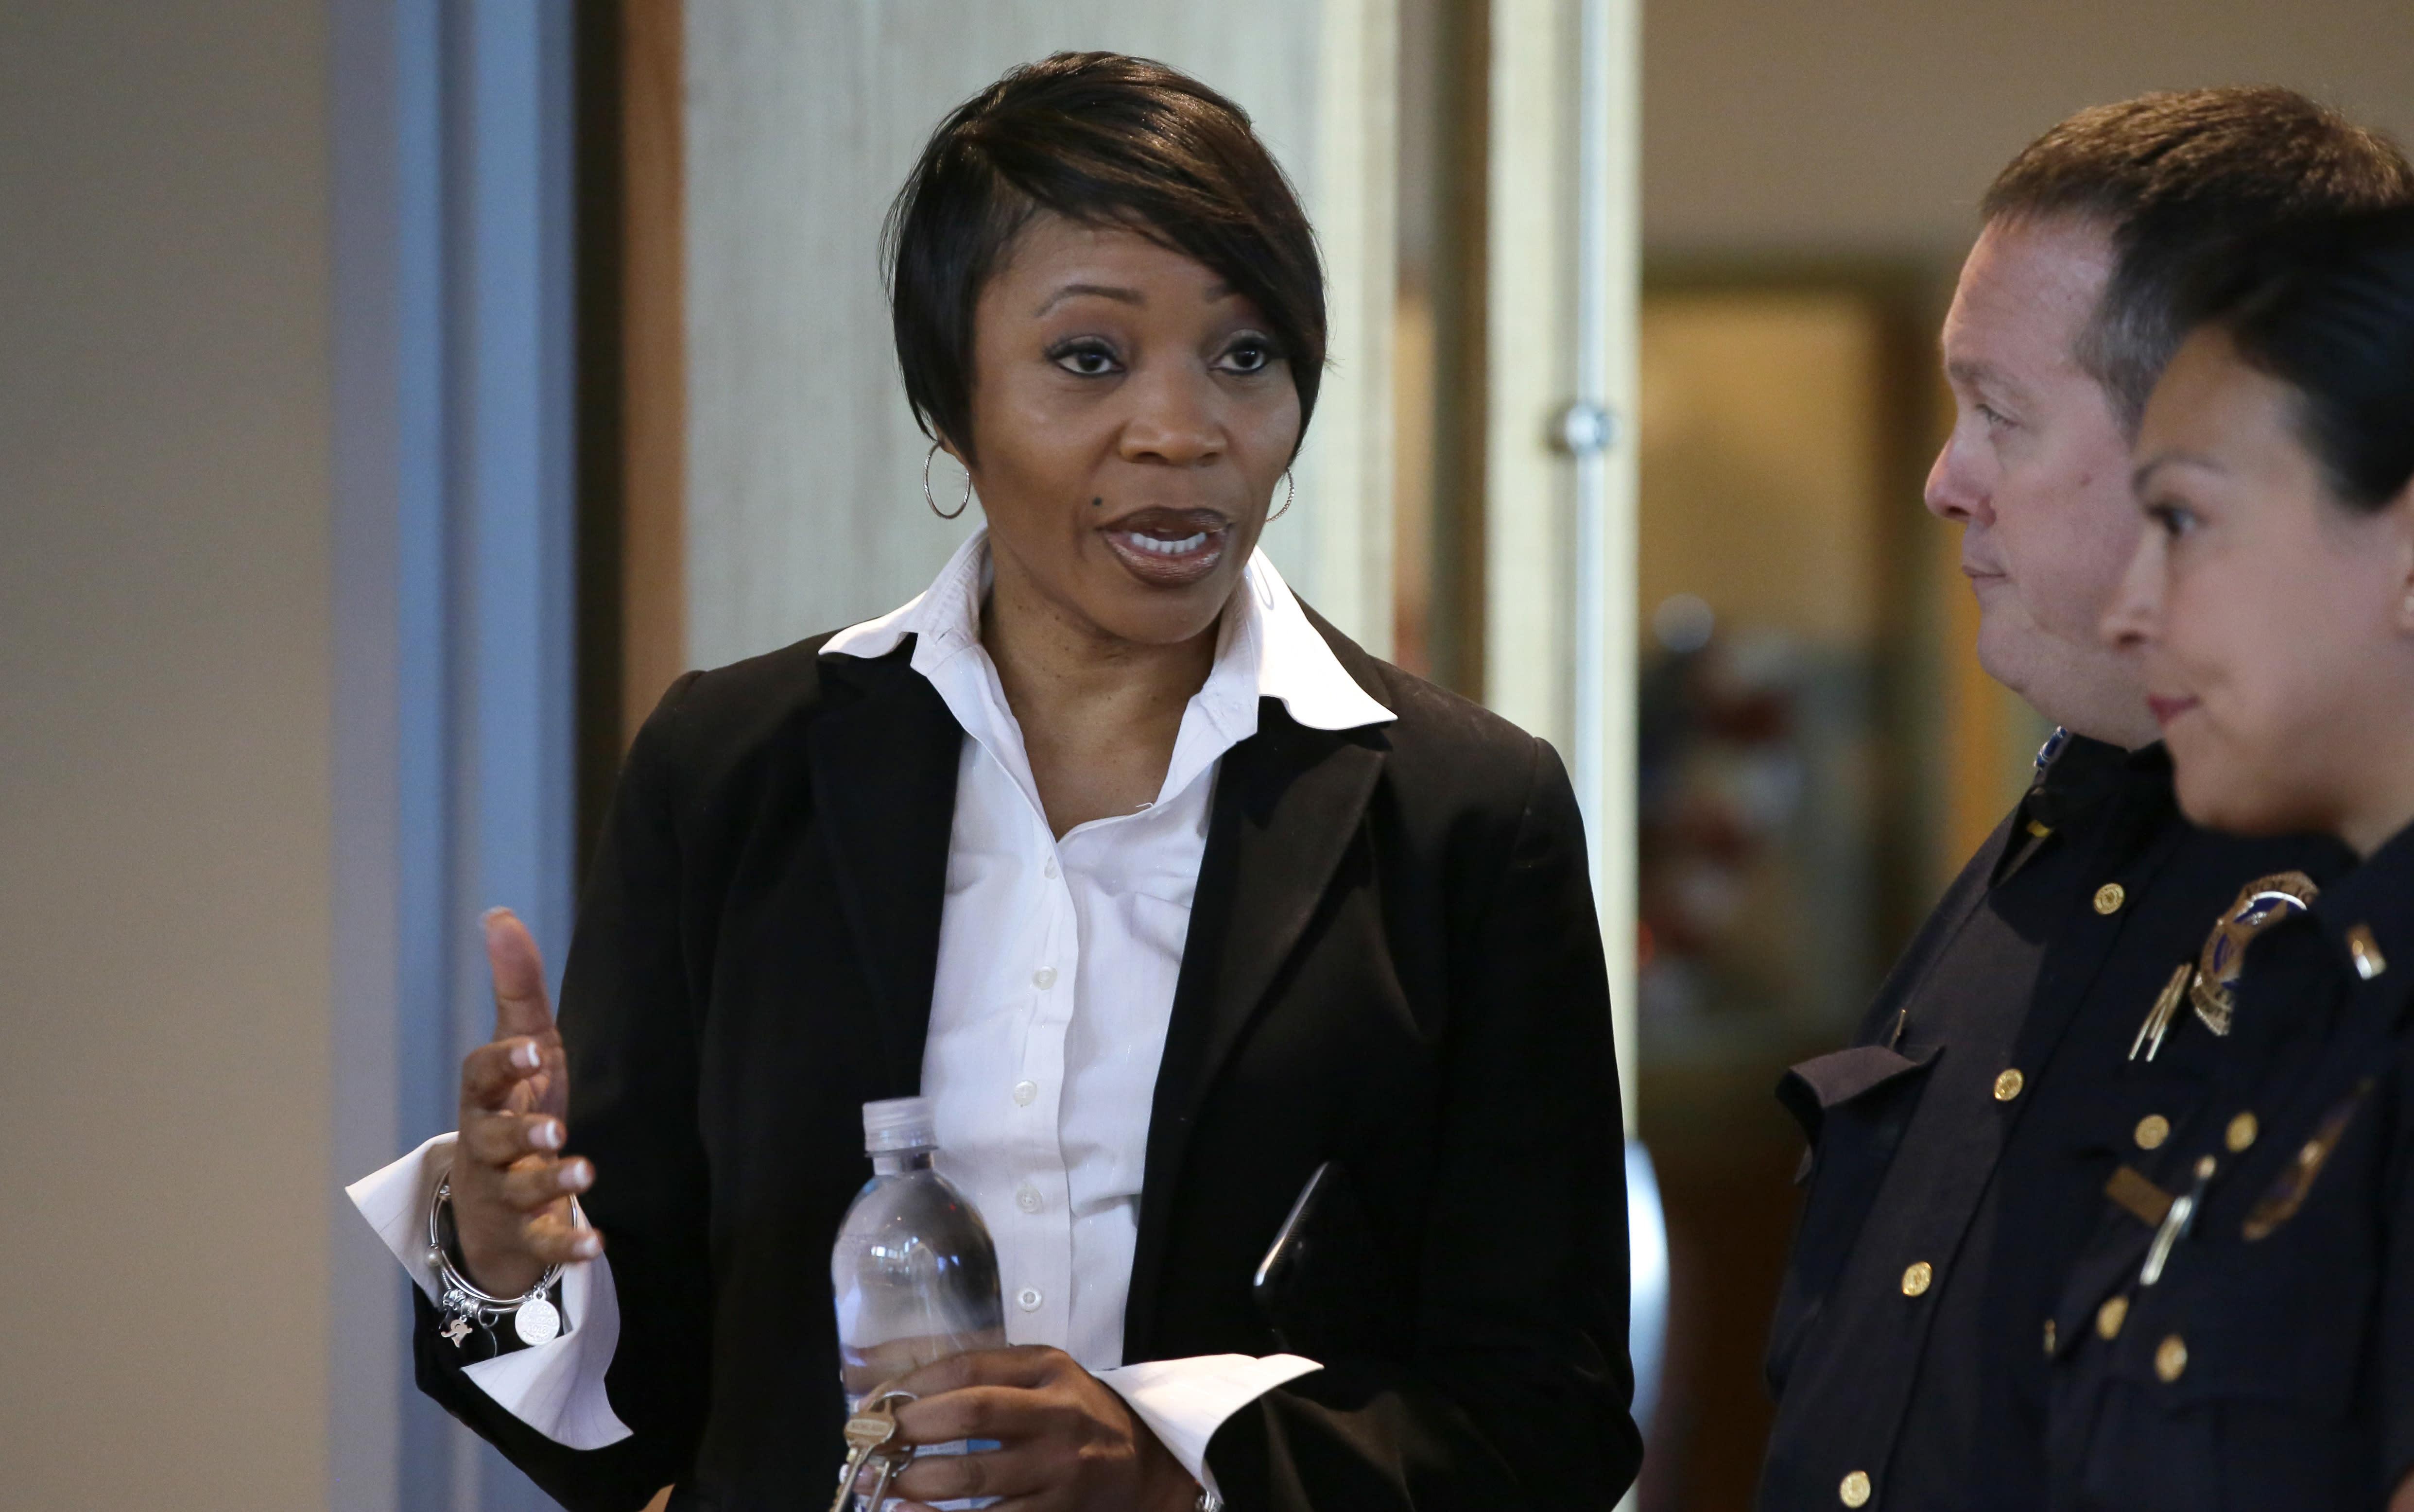 Dallas Police Chief Resignation